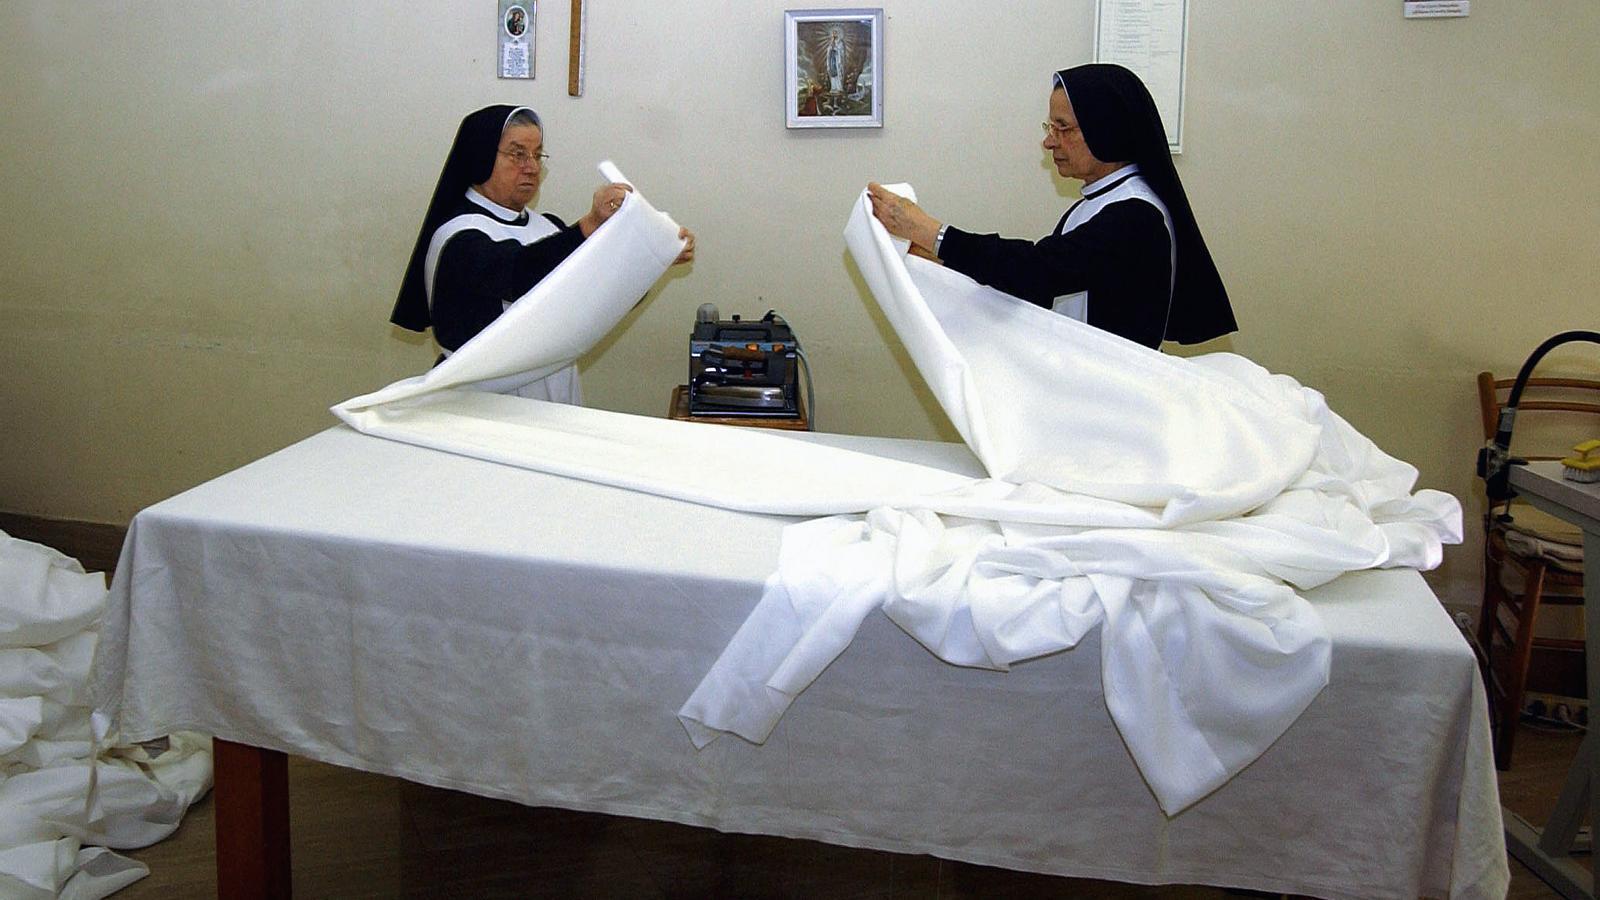 """Dues monges treballen al Vaticà. L'edició de març del suplement femení de 'L'Osservatore Romano' va denunciar que les monges són tractades com a servidores contractades per a cardenals i bisbes, a qui cuinen i netegen. Una monja va explicar que tot i que serveixen al clergat, """"rarament se les convida a seure a les taules que serveixen""""."""